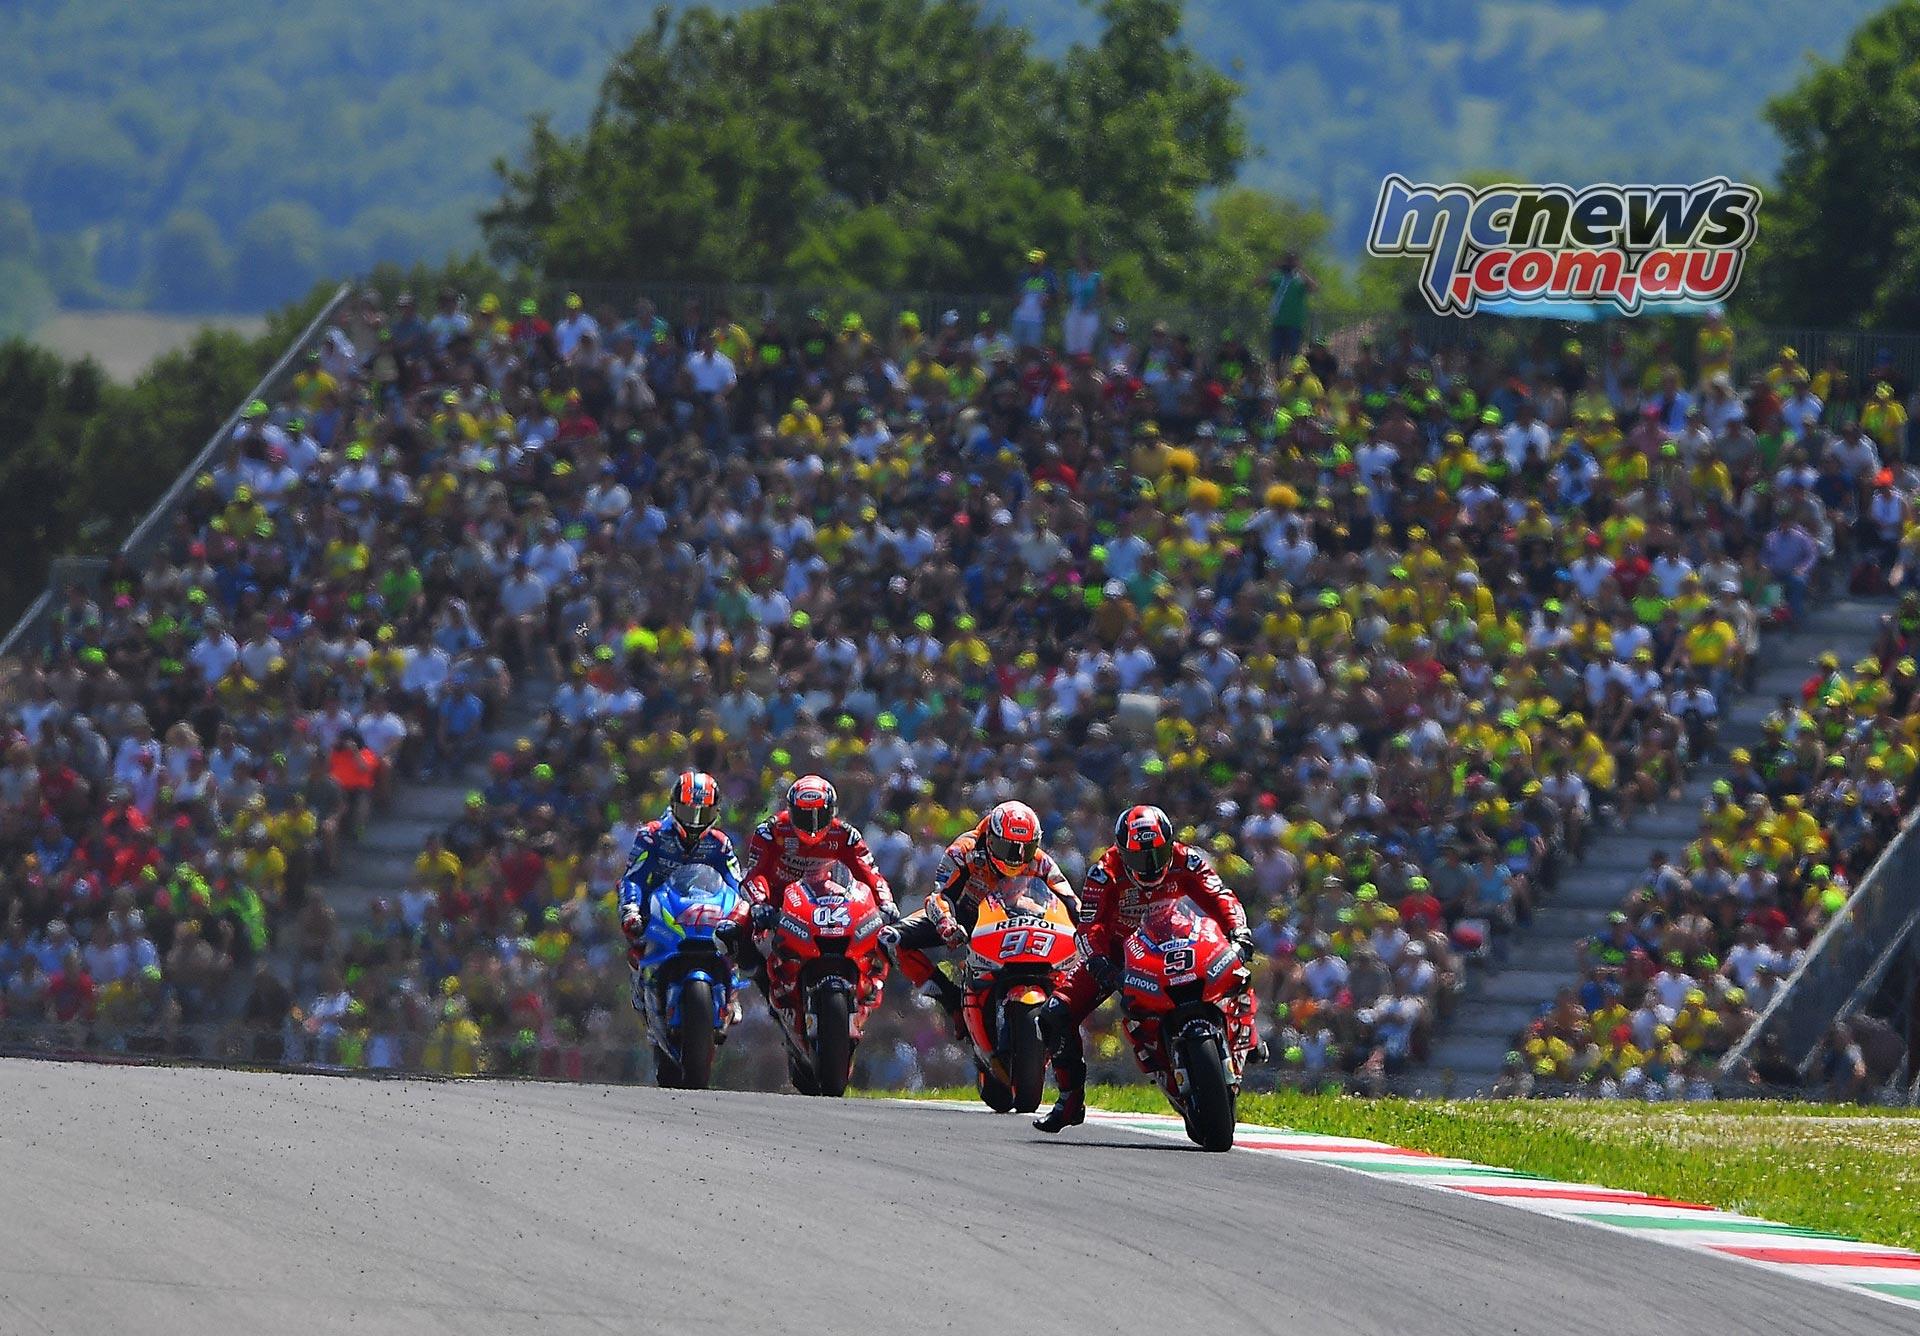 MotoGP Rnd Mugello Race Petrucci Marquez Dovizioso Rins Crowd